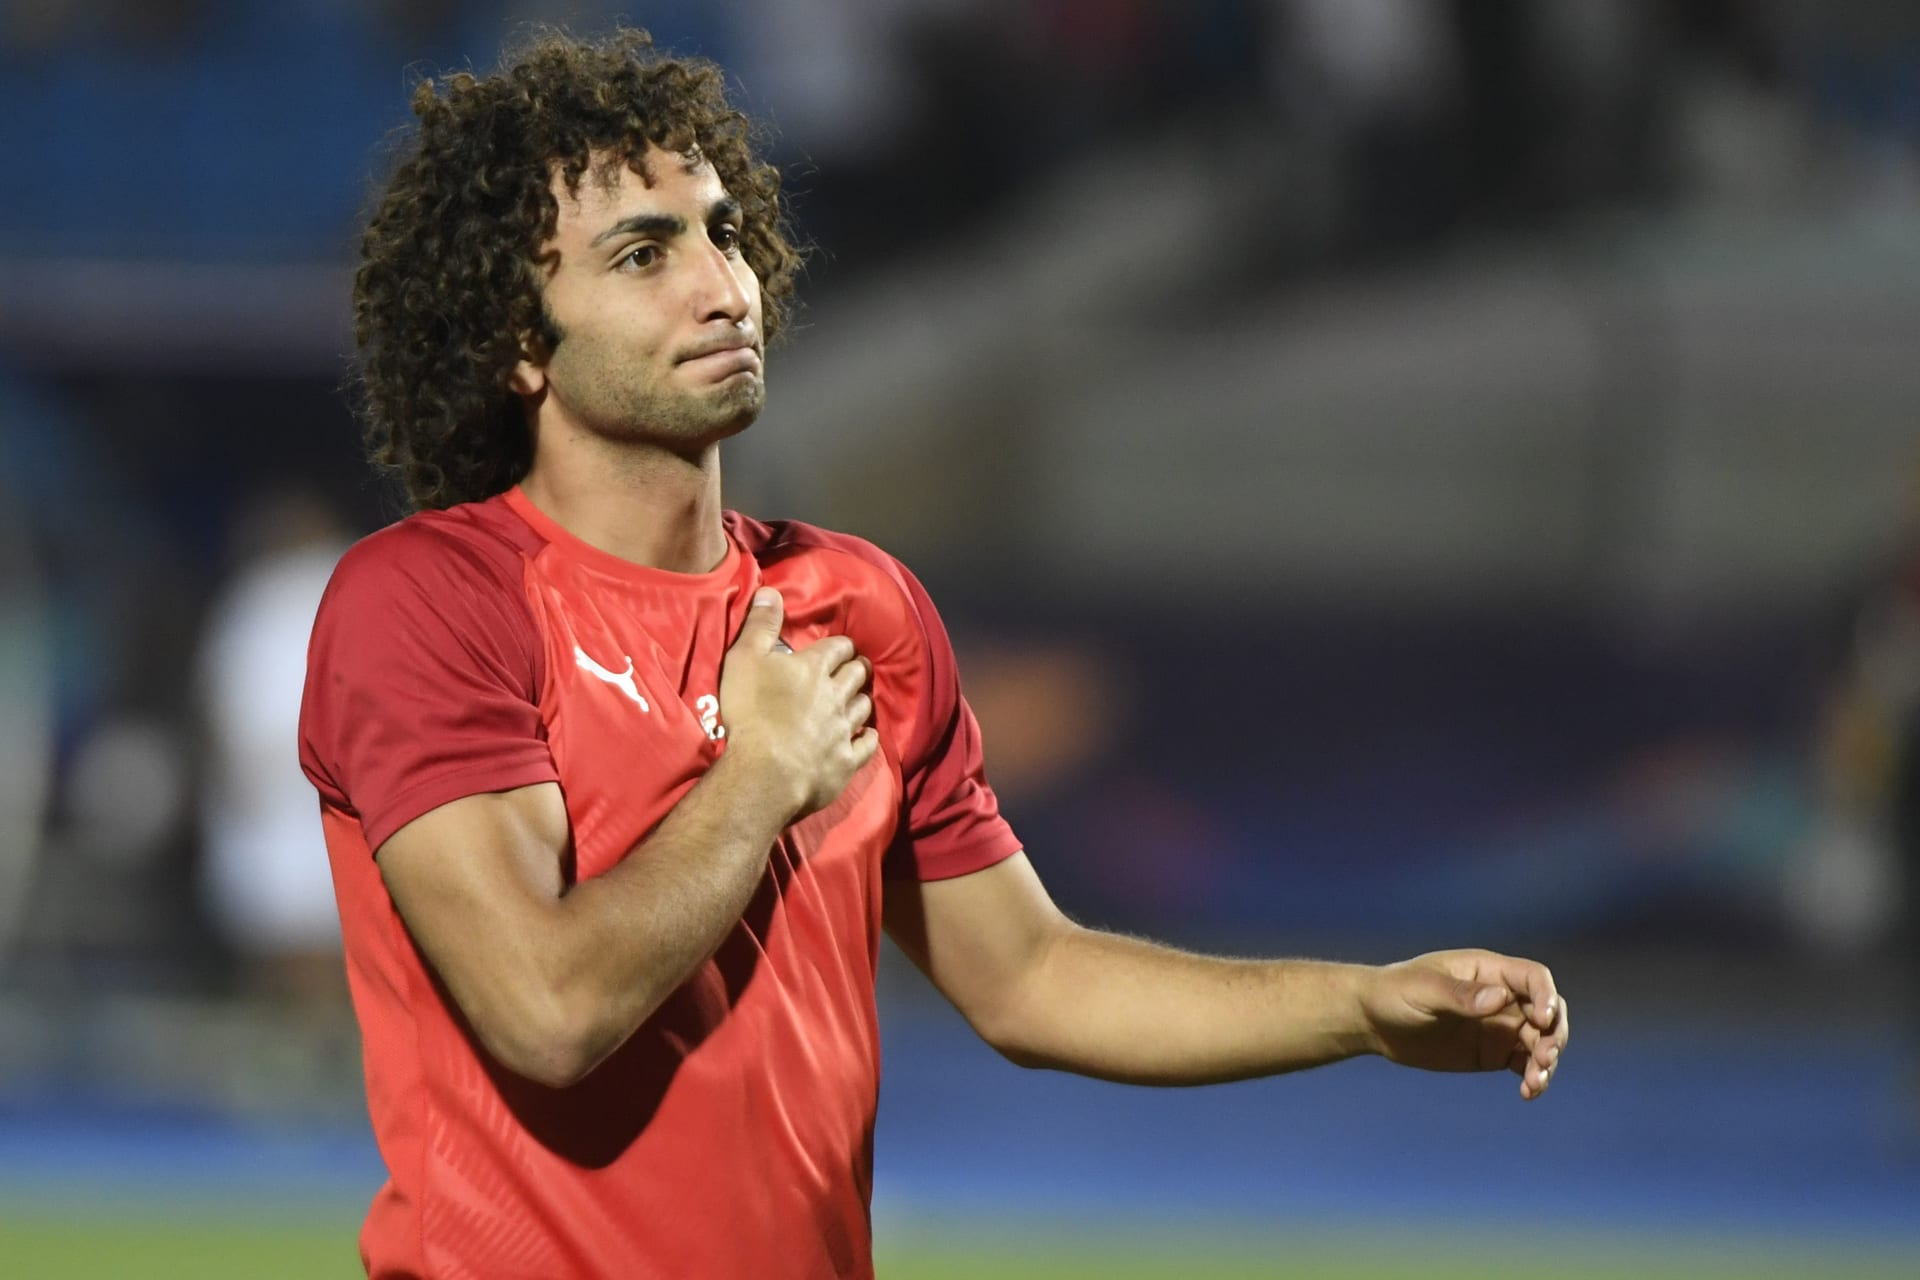 عمرو وردة يتعاطف مع الفلسطينيين أثناء رفع كأس اليونان مع باوك